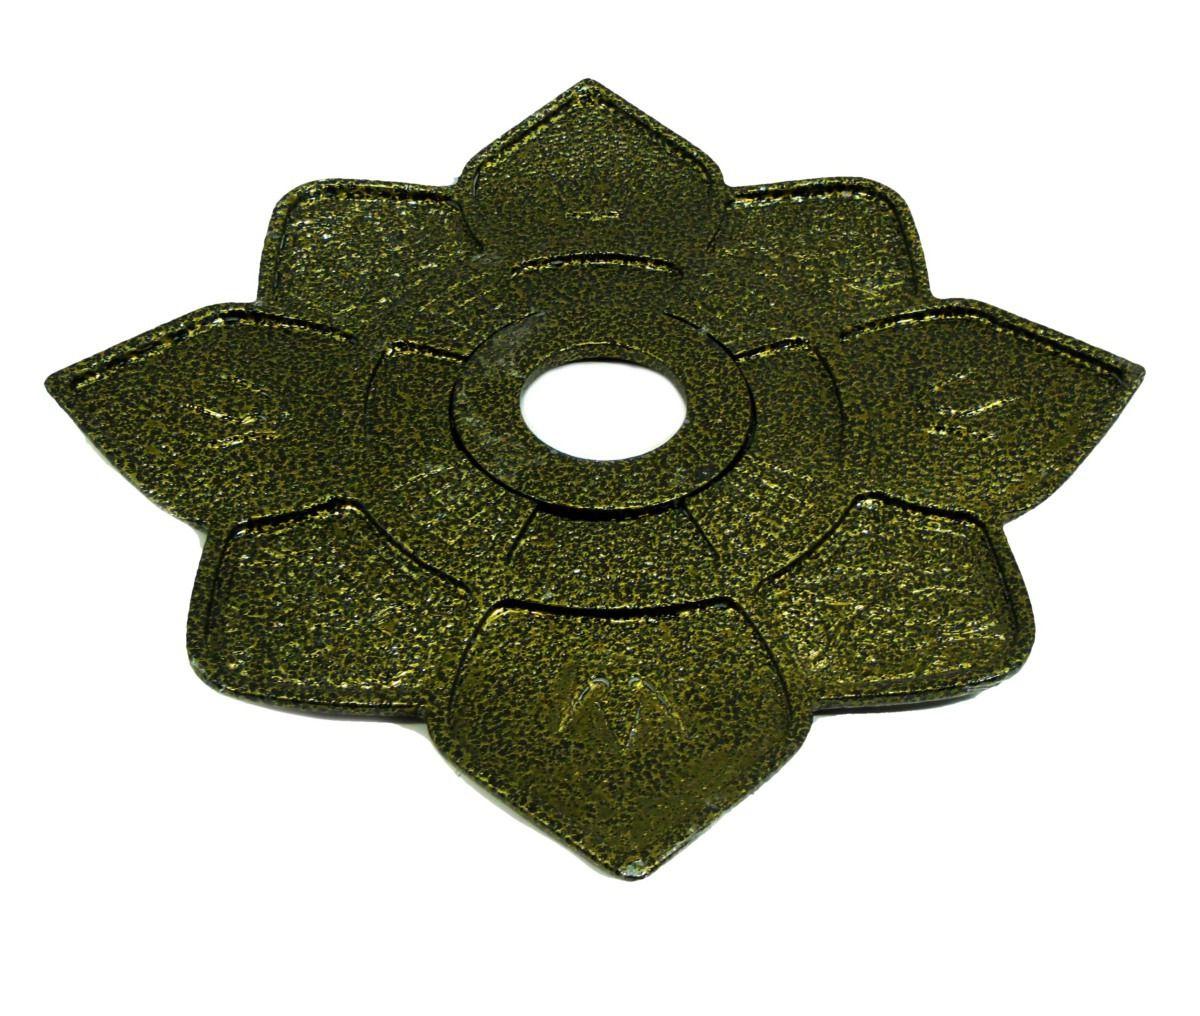 Prato para narguile IMPERIA com pintura epóxi com textura martelada. 27cm de diâmetro, 4cm de furo. Cobre martelado